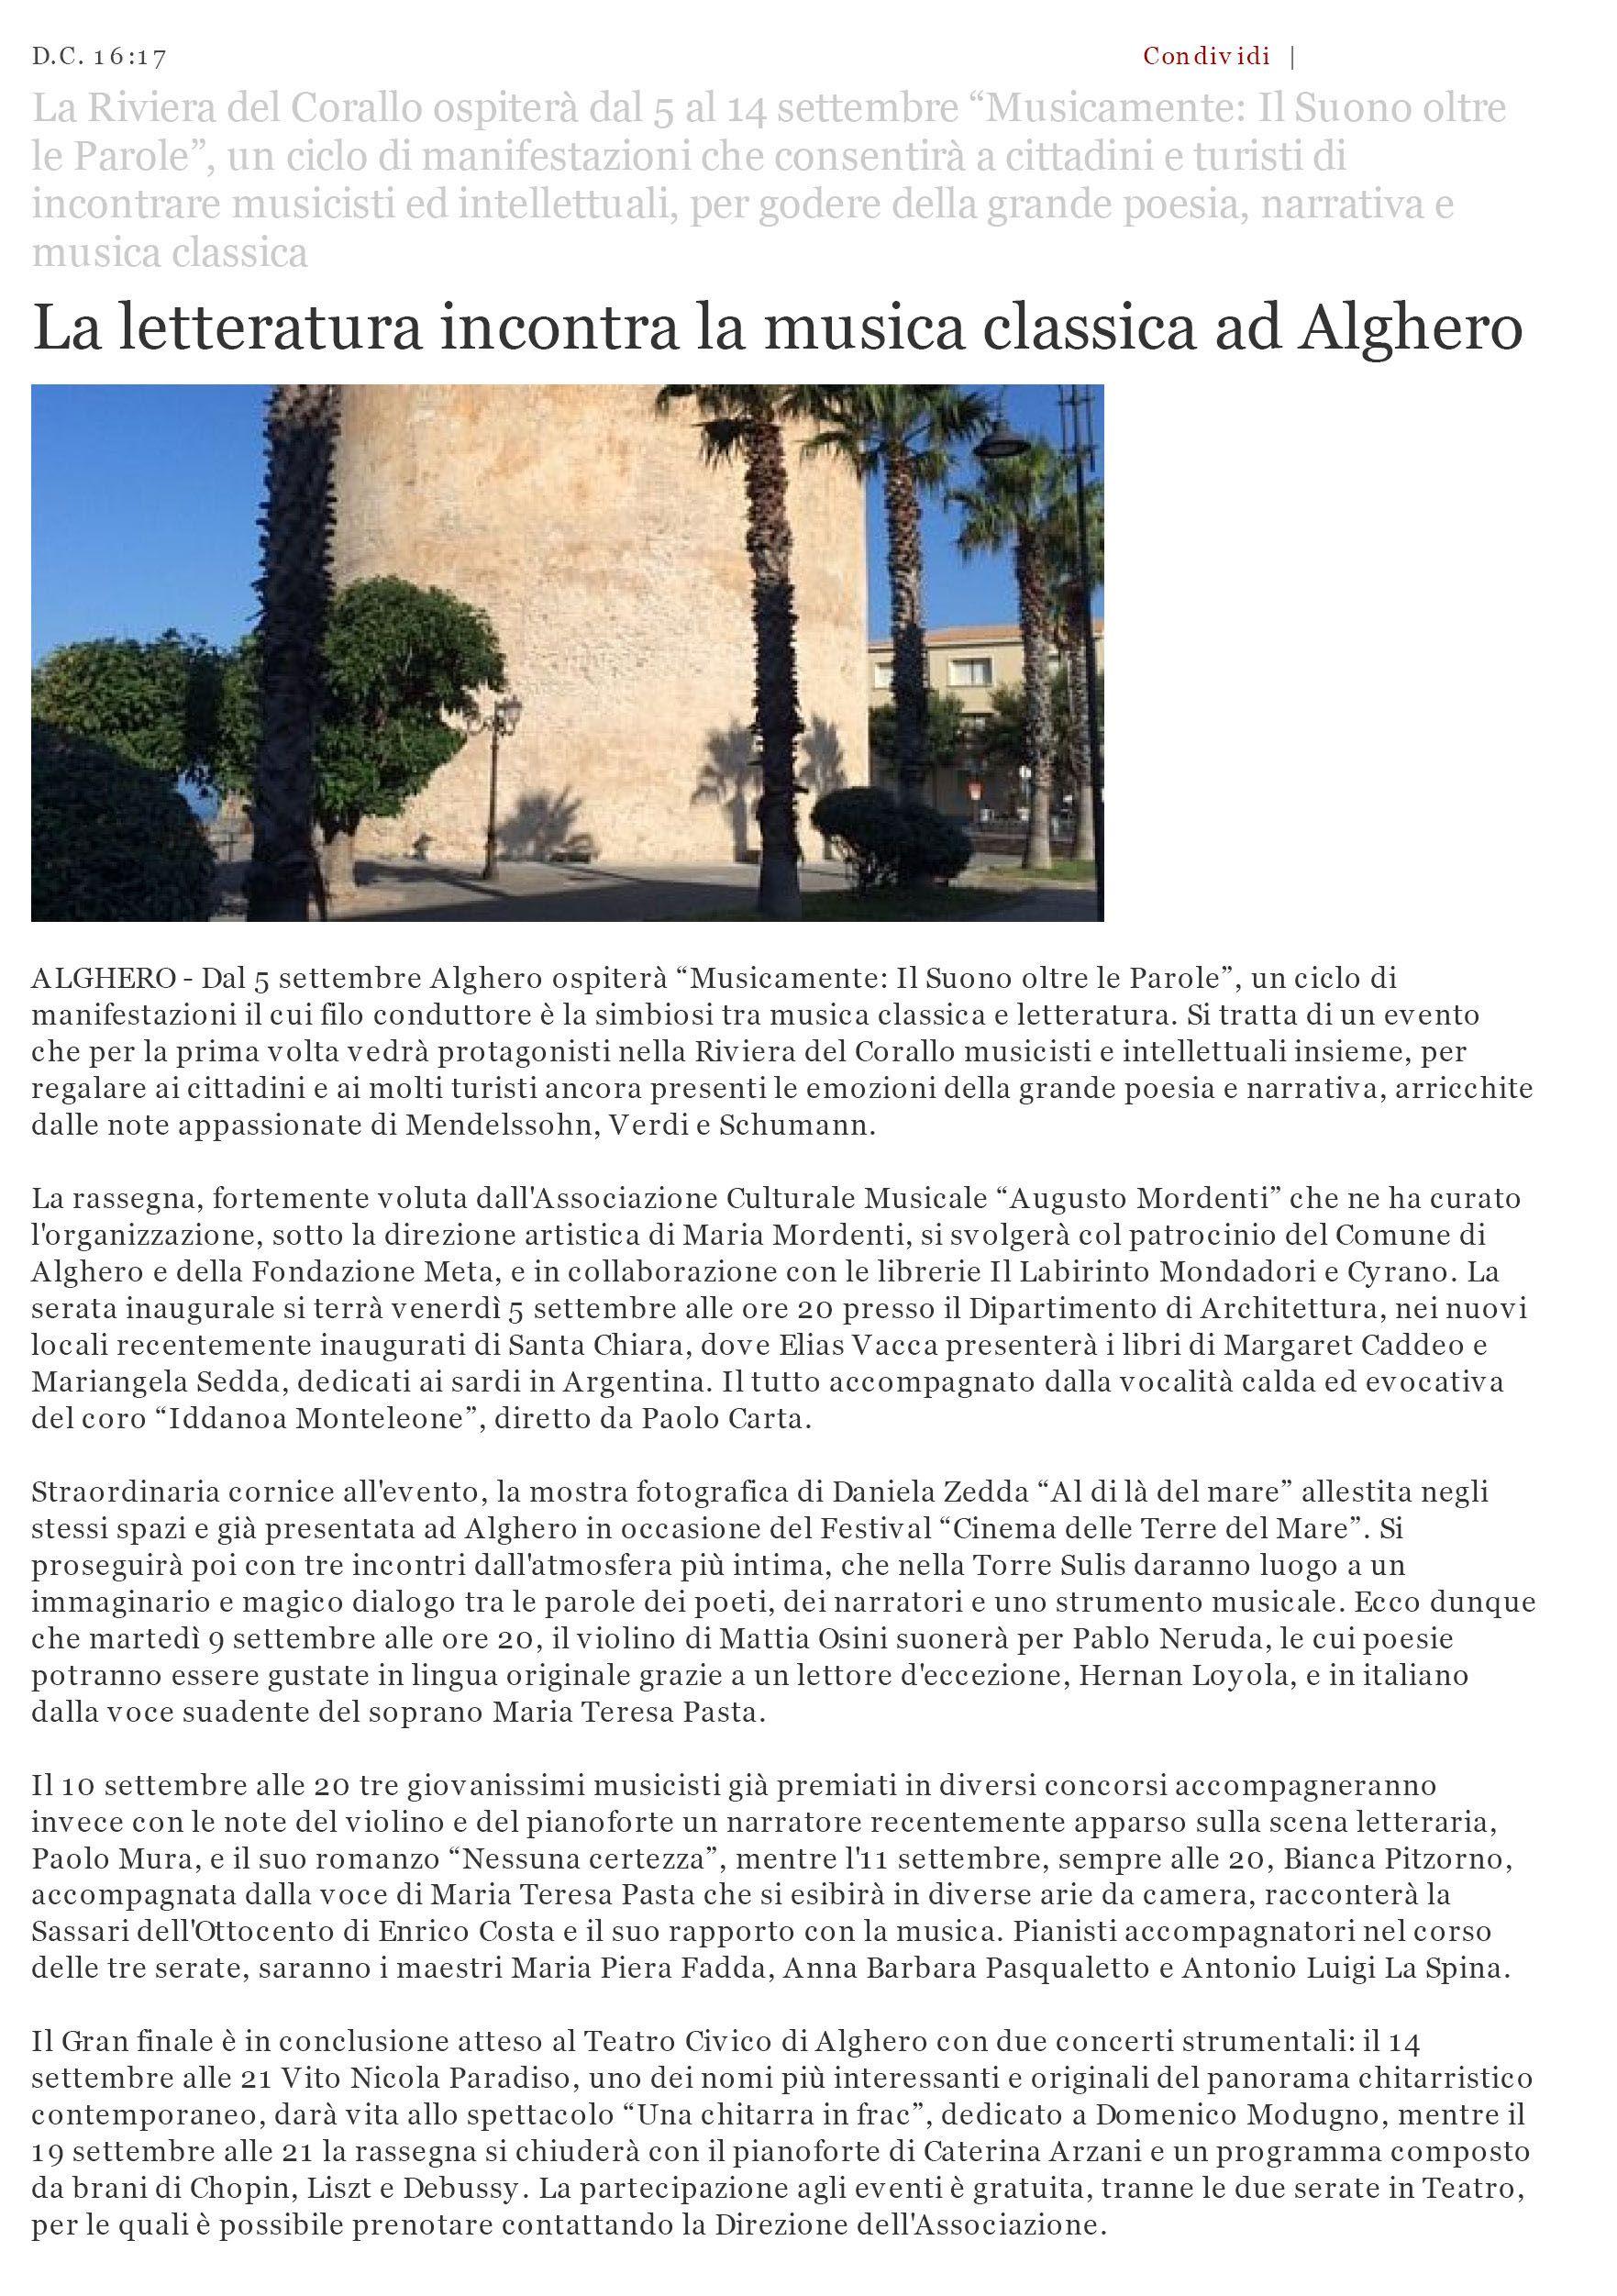 Alguer.it, 3 settembre 2014